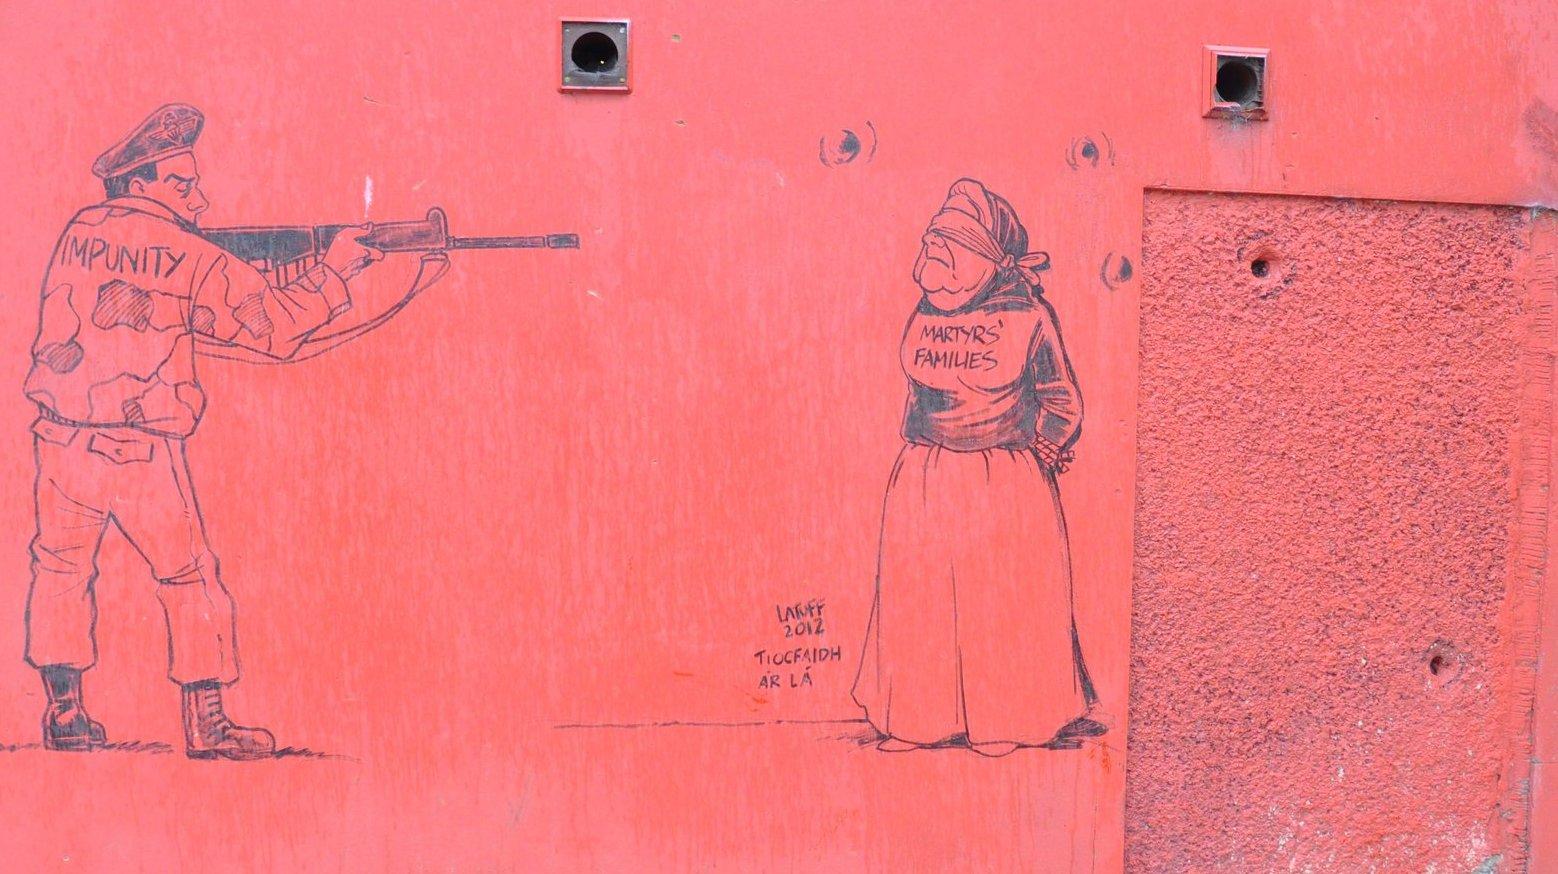 La bala del domingo sangriento impacta en la pared libre del museo Derry